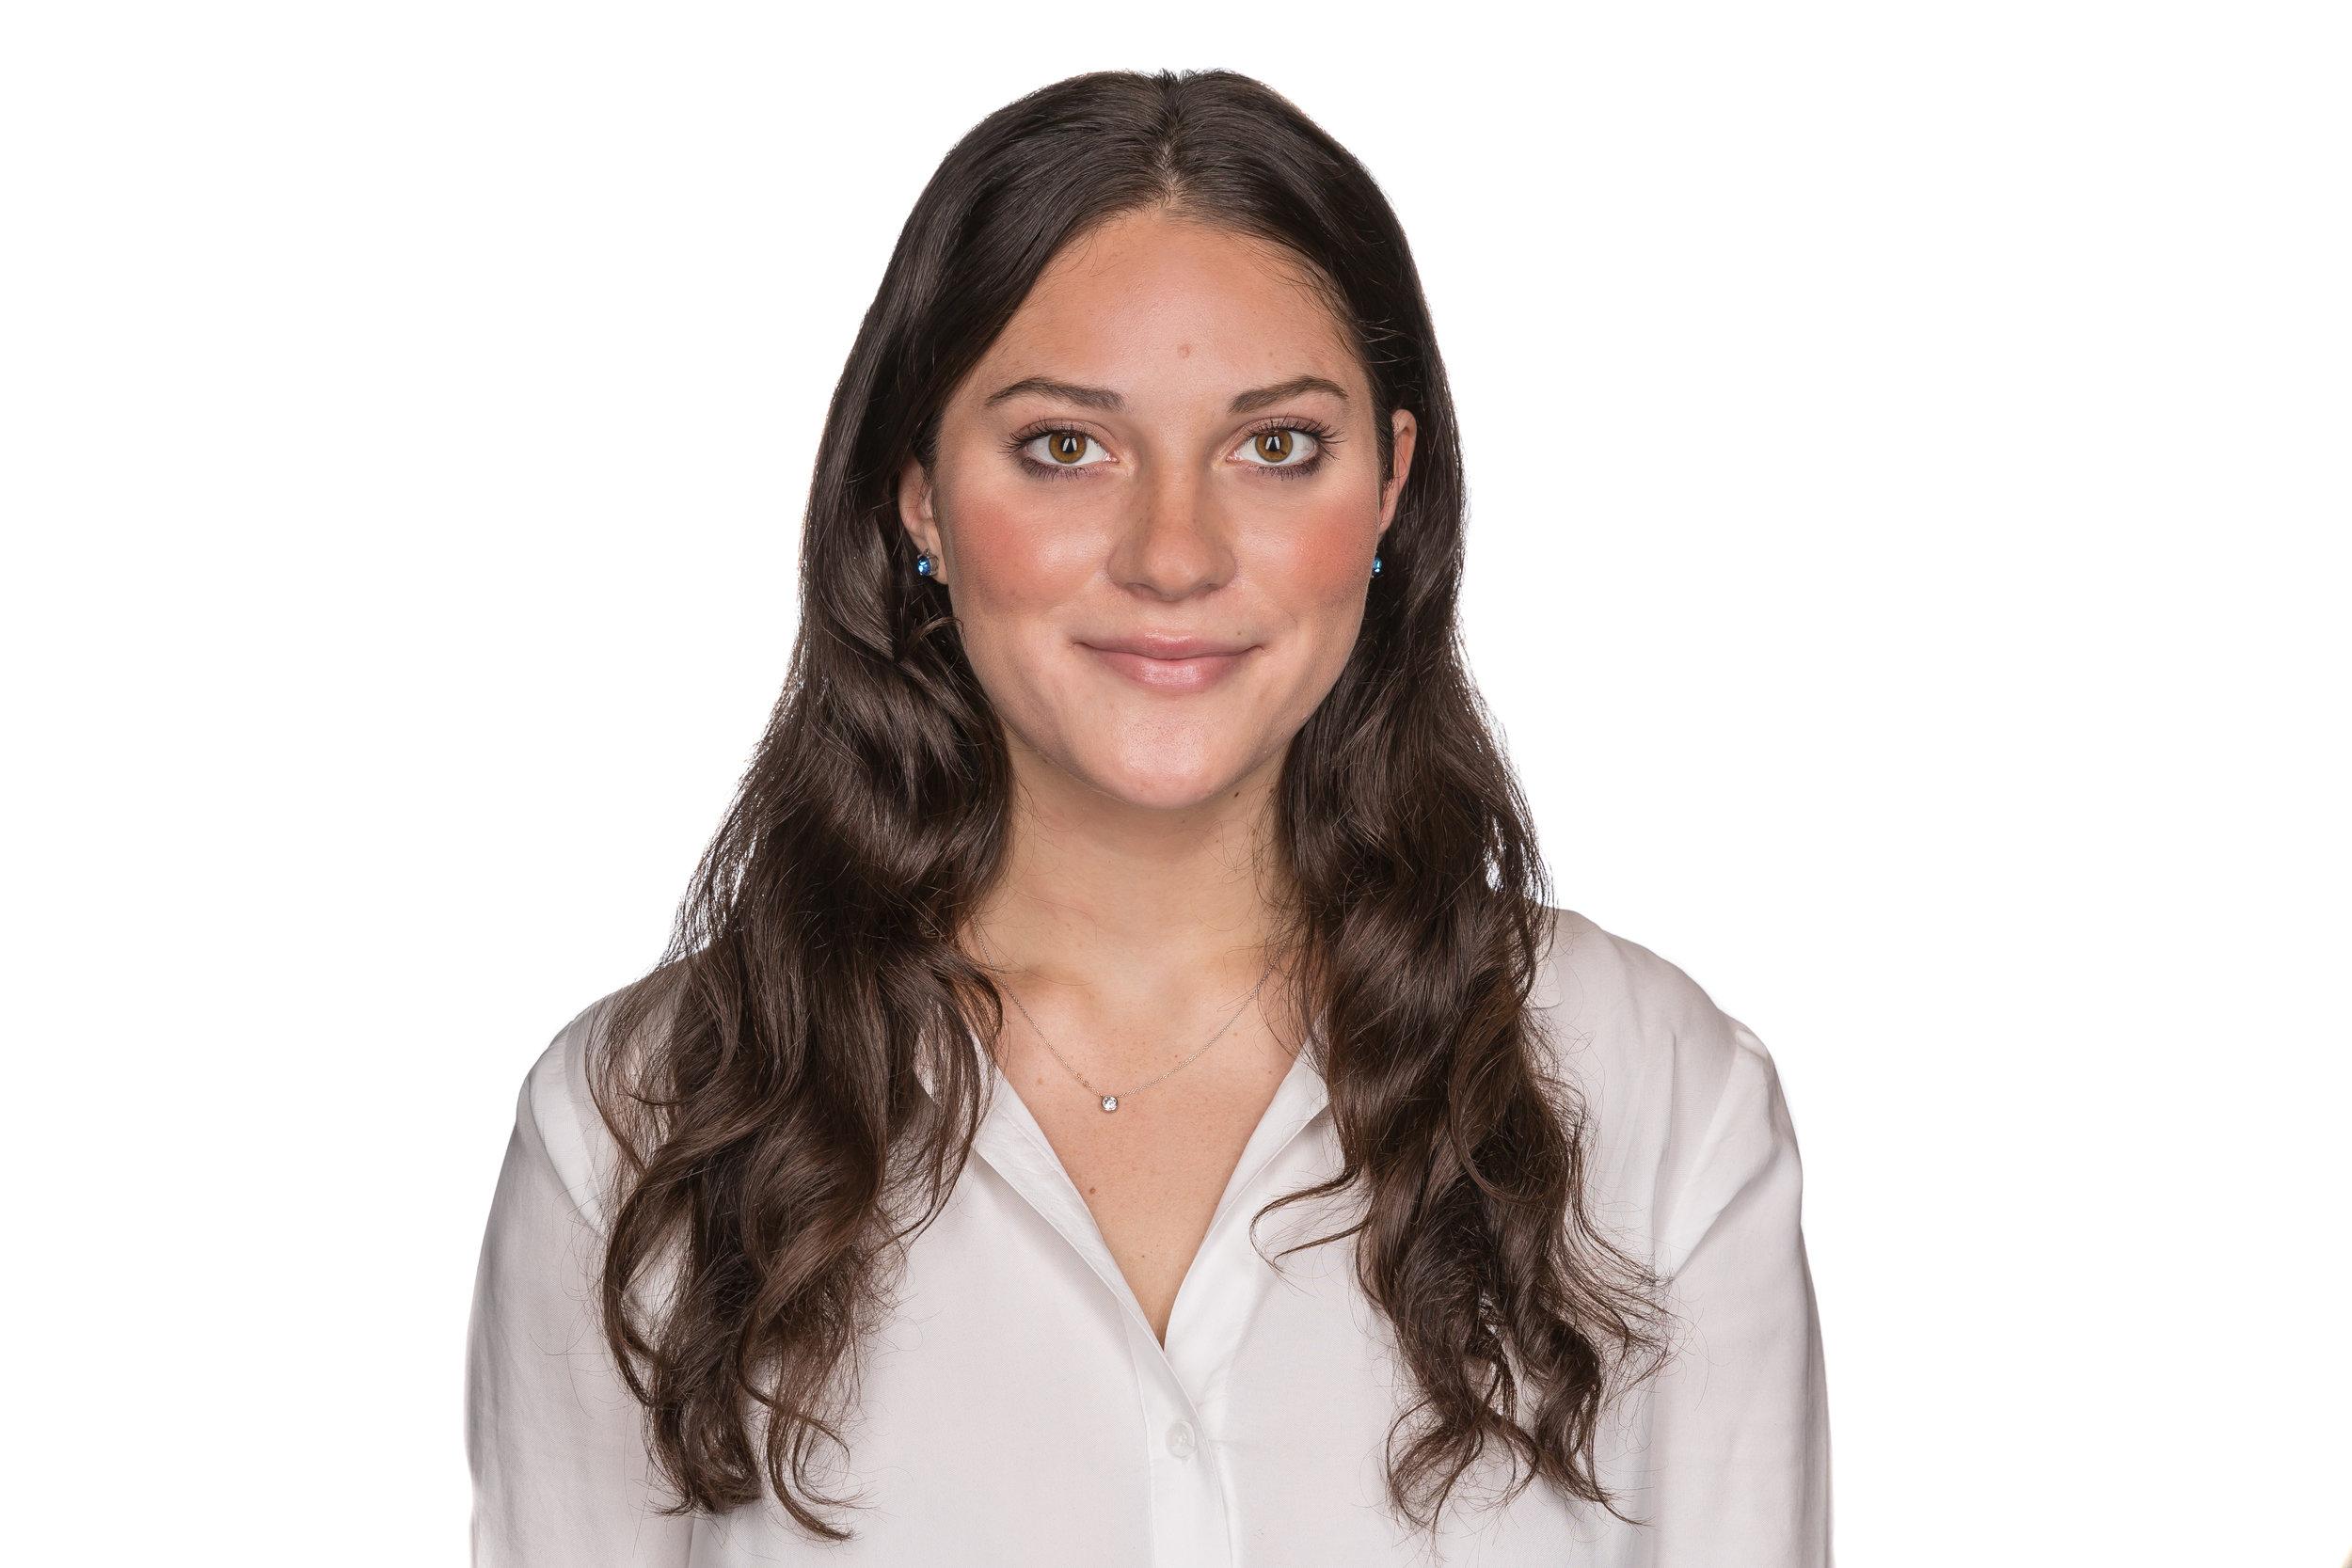 Isabel Moss02233.JPG